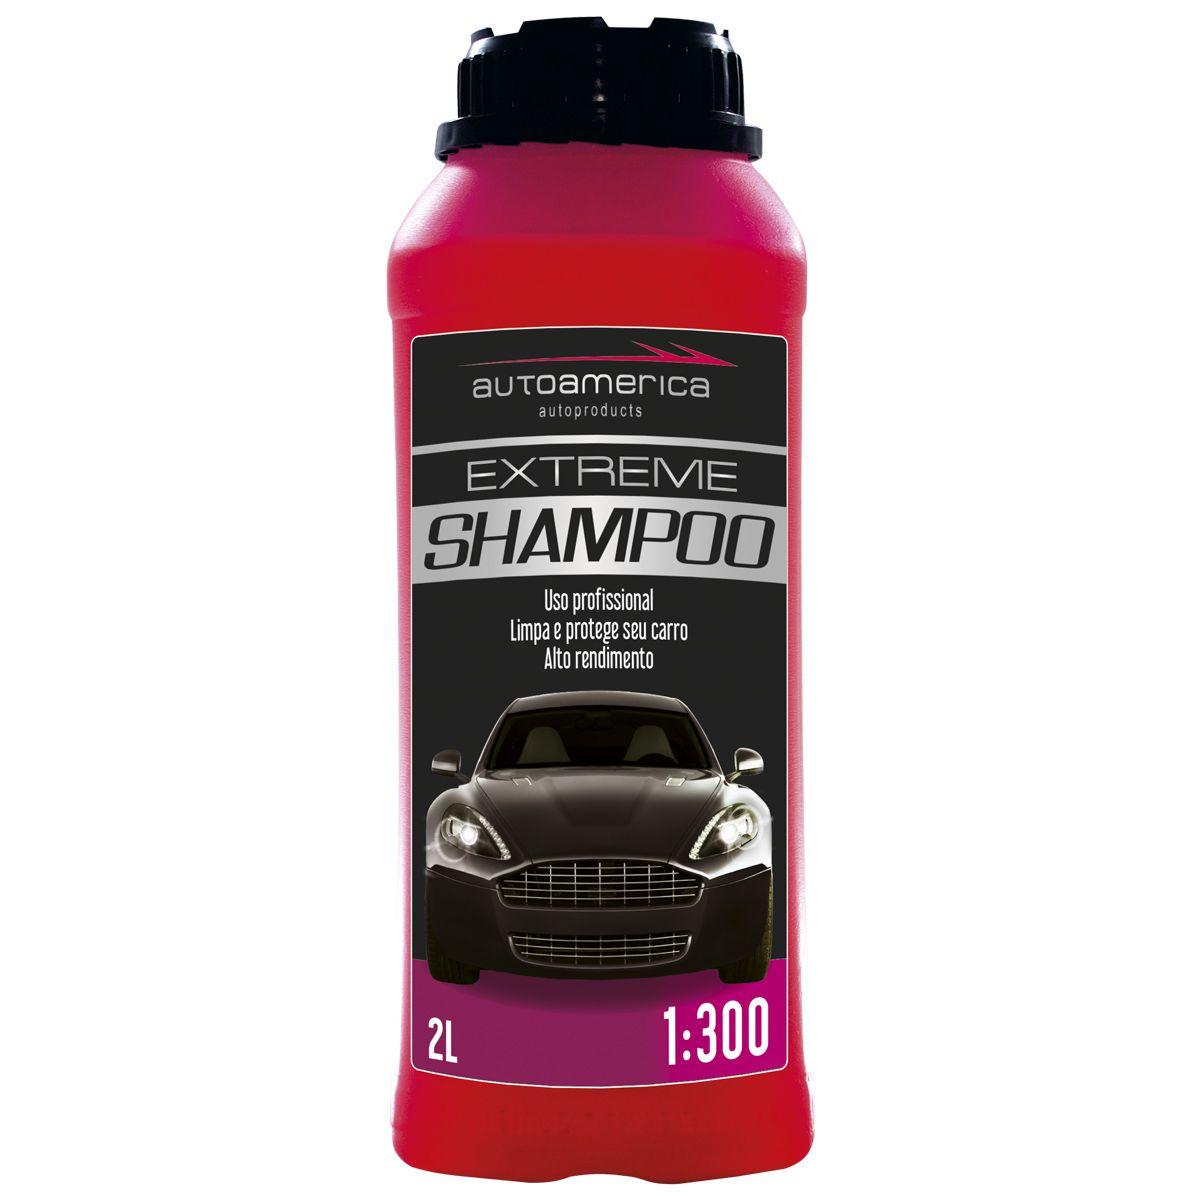 Shampoo Extreme 2 Litros 1-300 Autoamerica